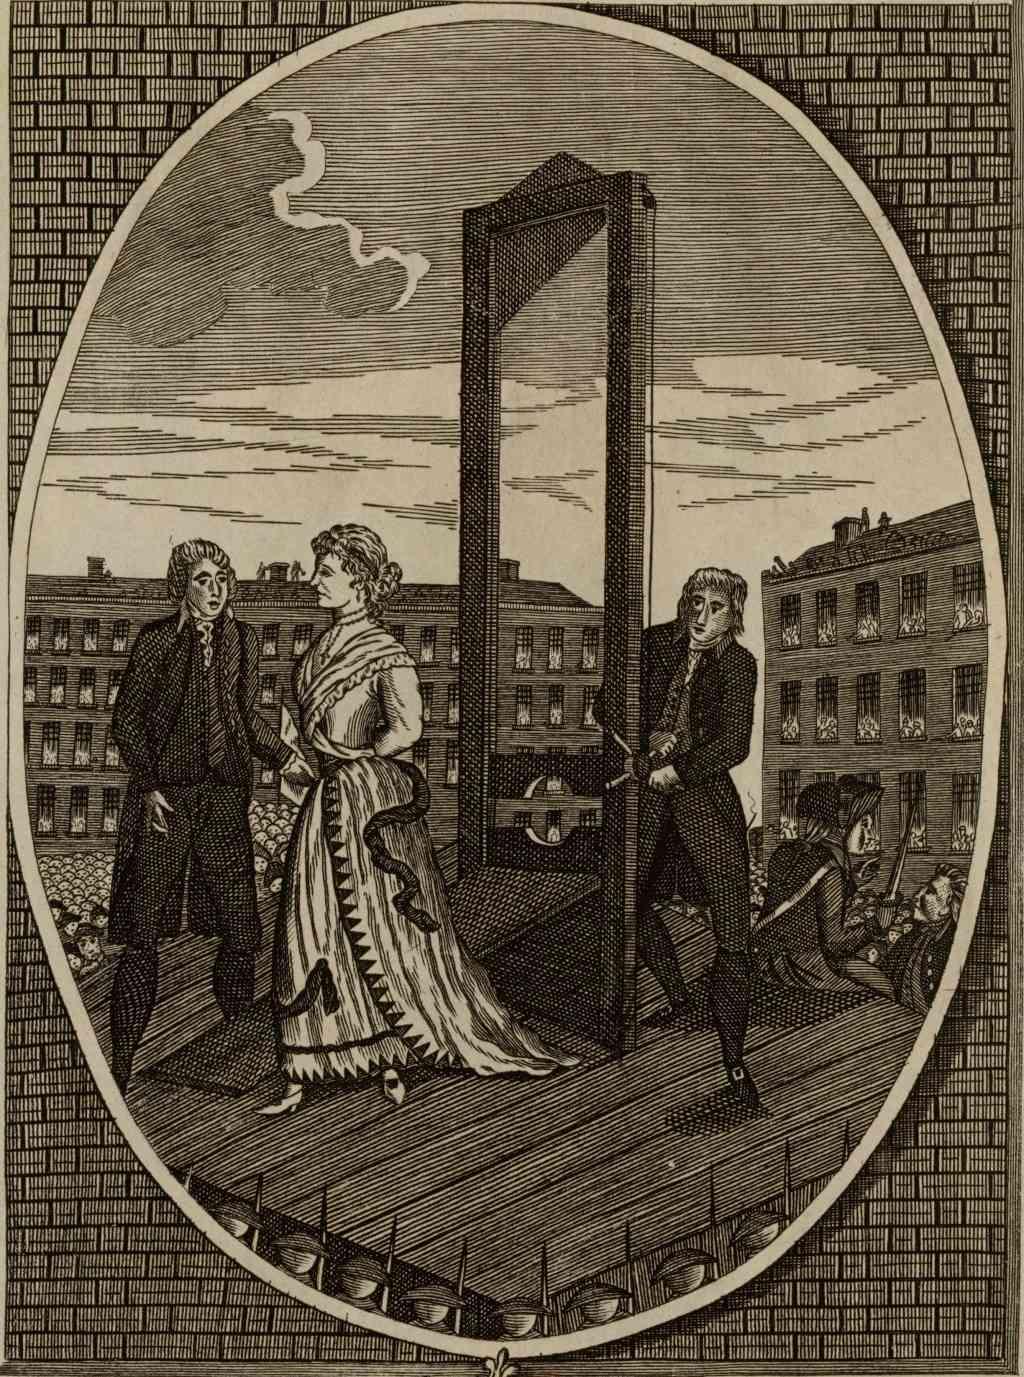 La Conciergerie : Marie-Antoinette dans sa cellule. - Page 3 Temple14